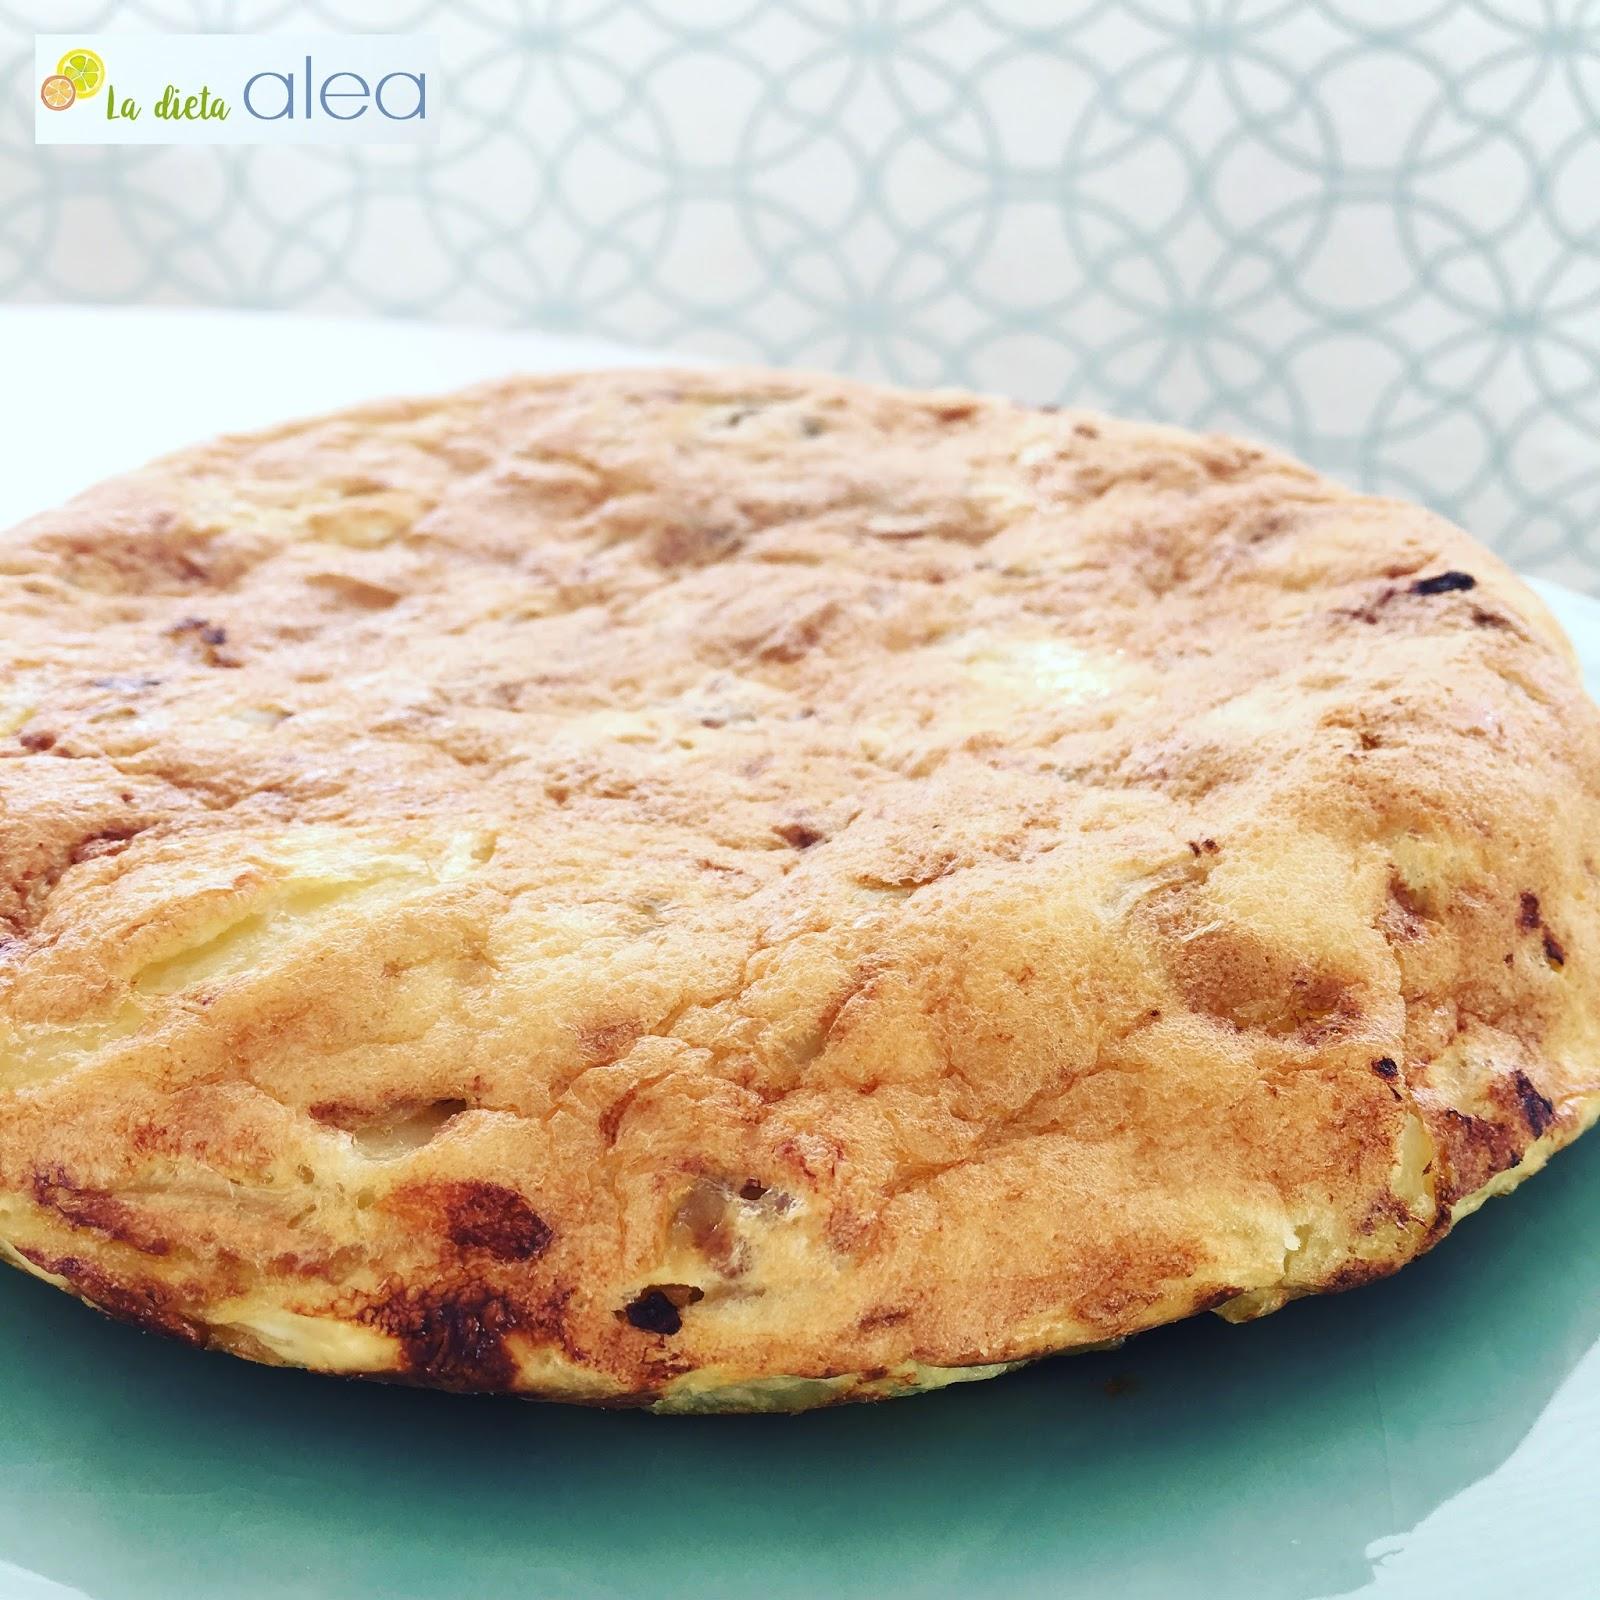 Tortilla De Patata F Cil Riqu Sima Y Baja En Calor As La